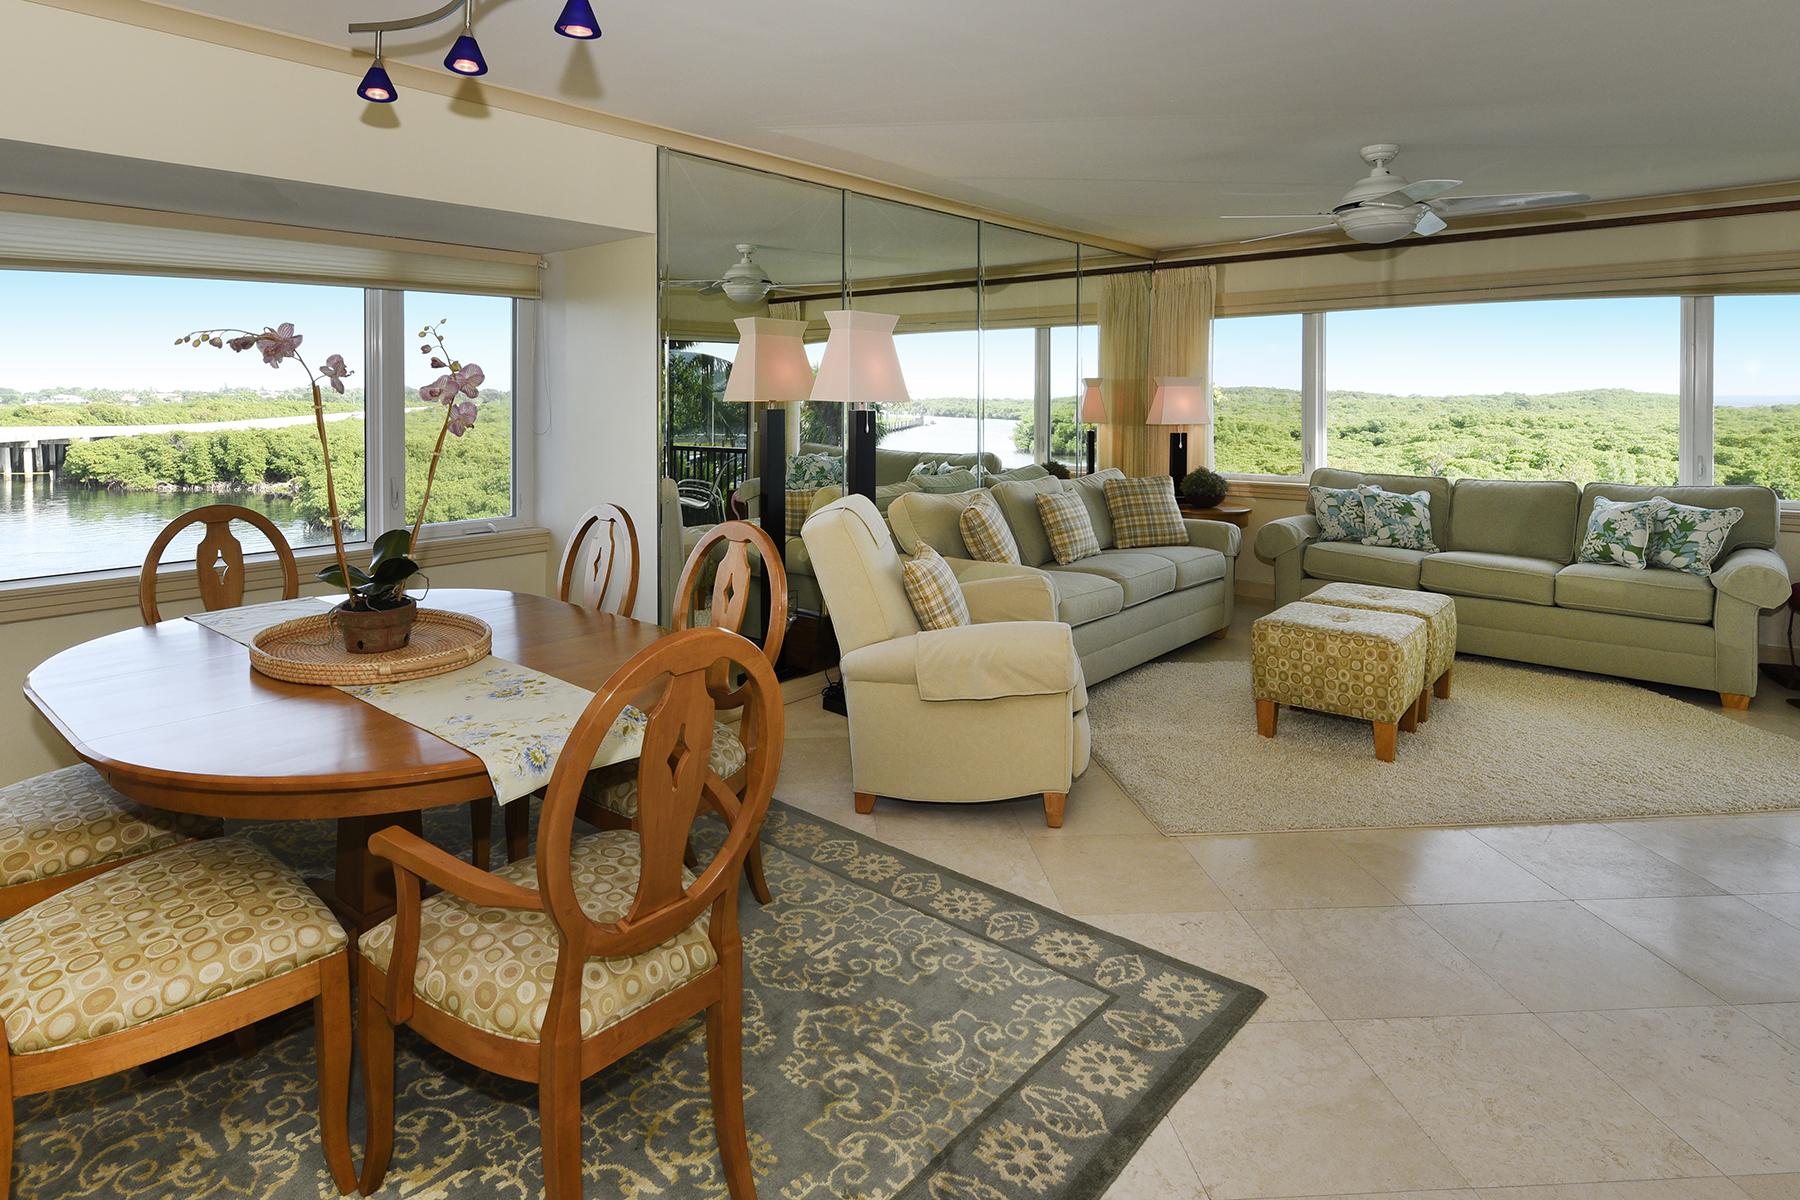 Condominium for Sale at Creek House Condominium at Ocean Reef 201 Creek House Key Largo, Florida, 33037 United States